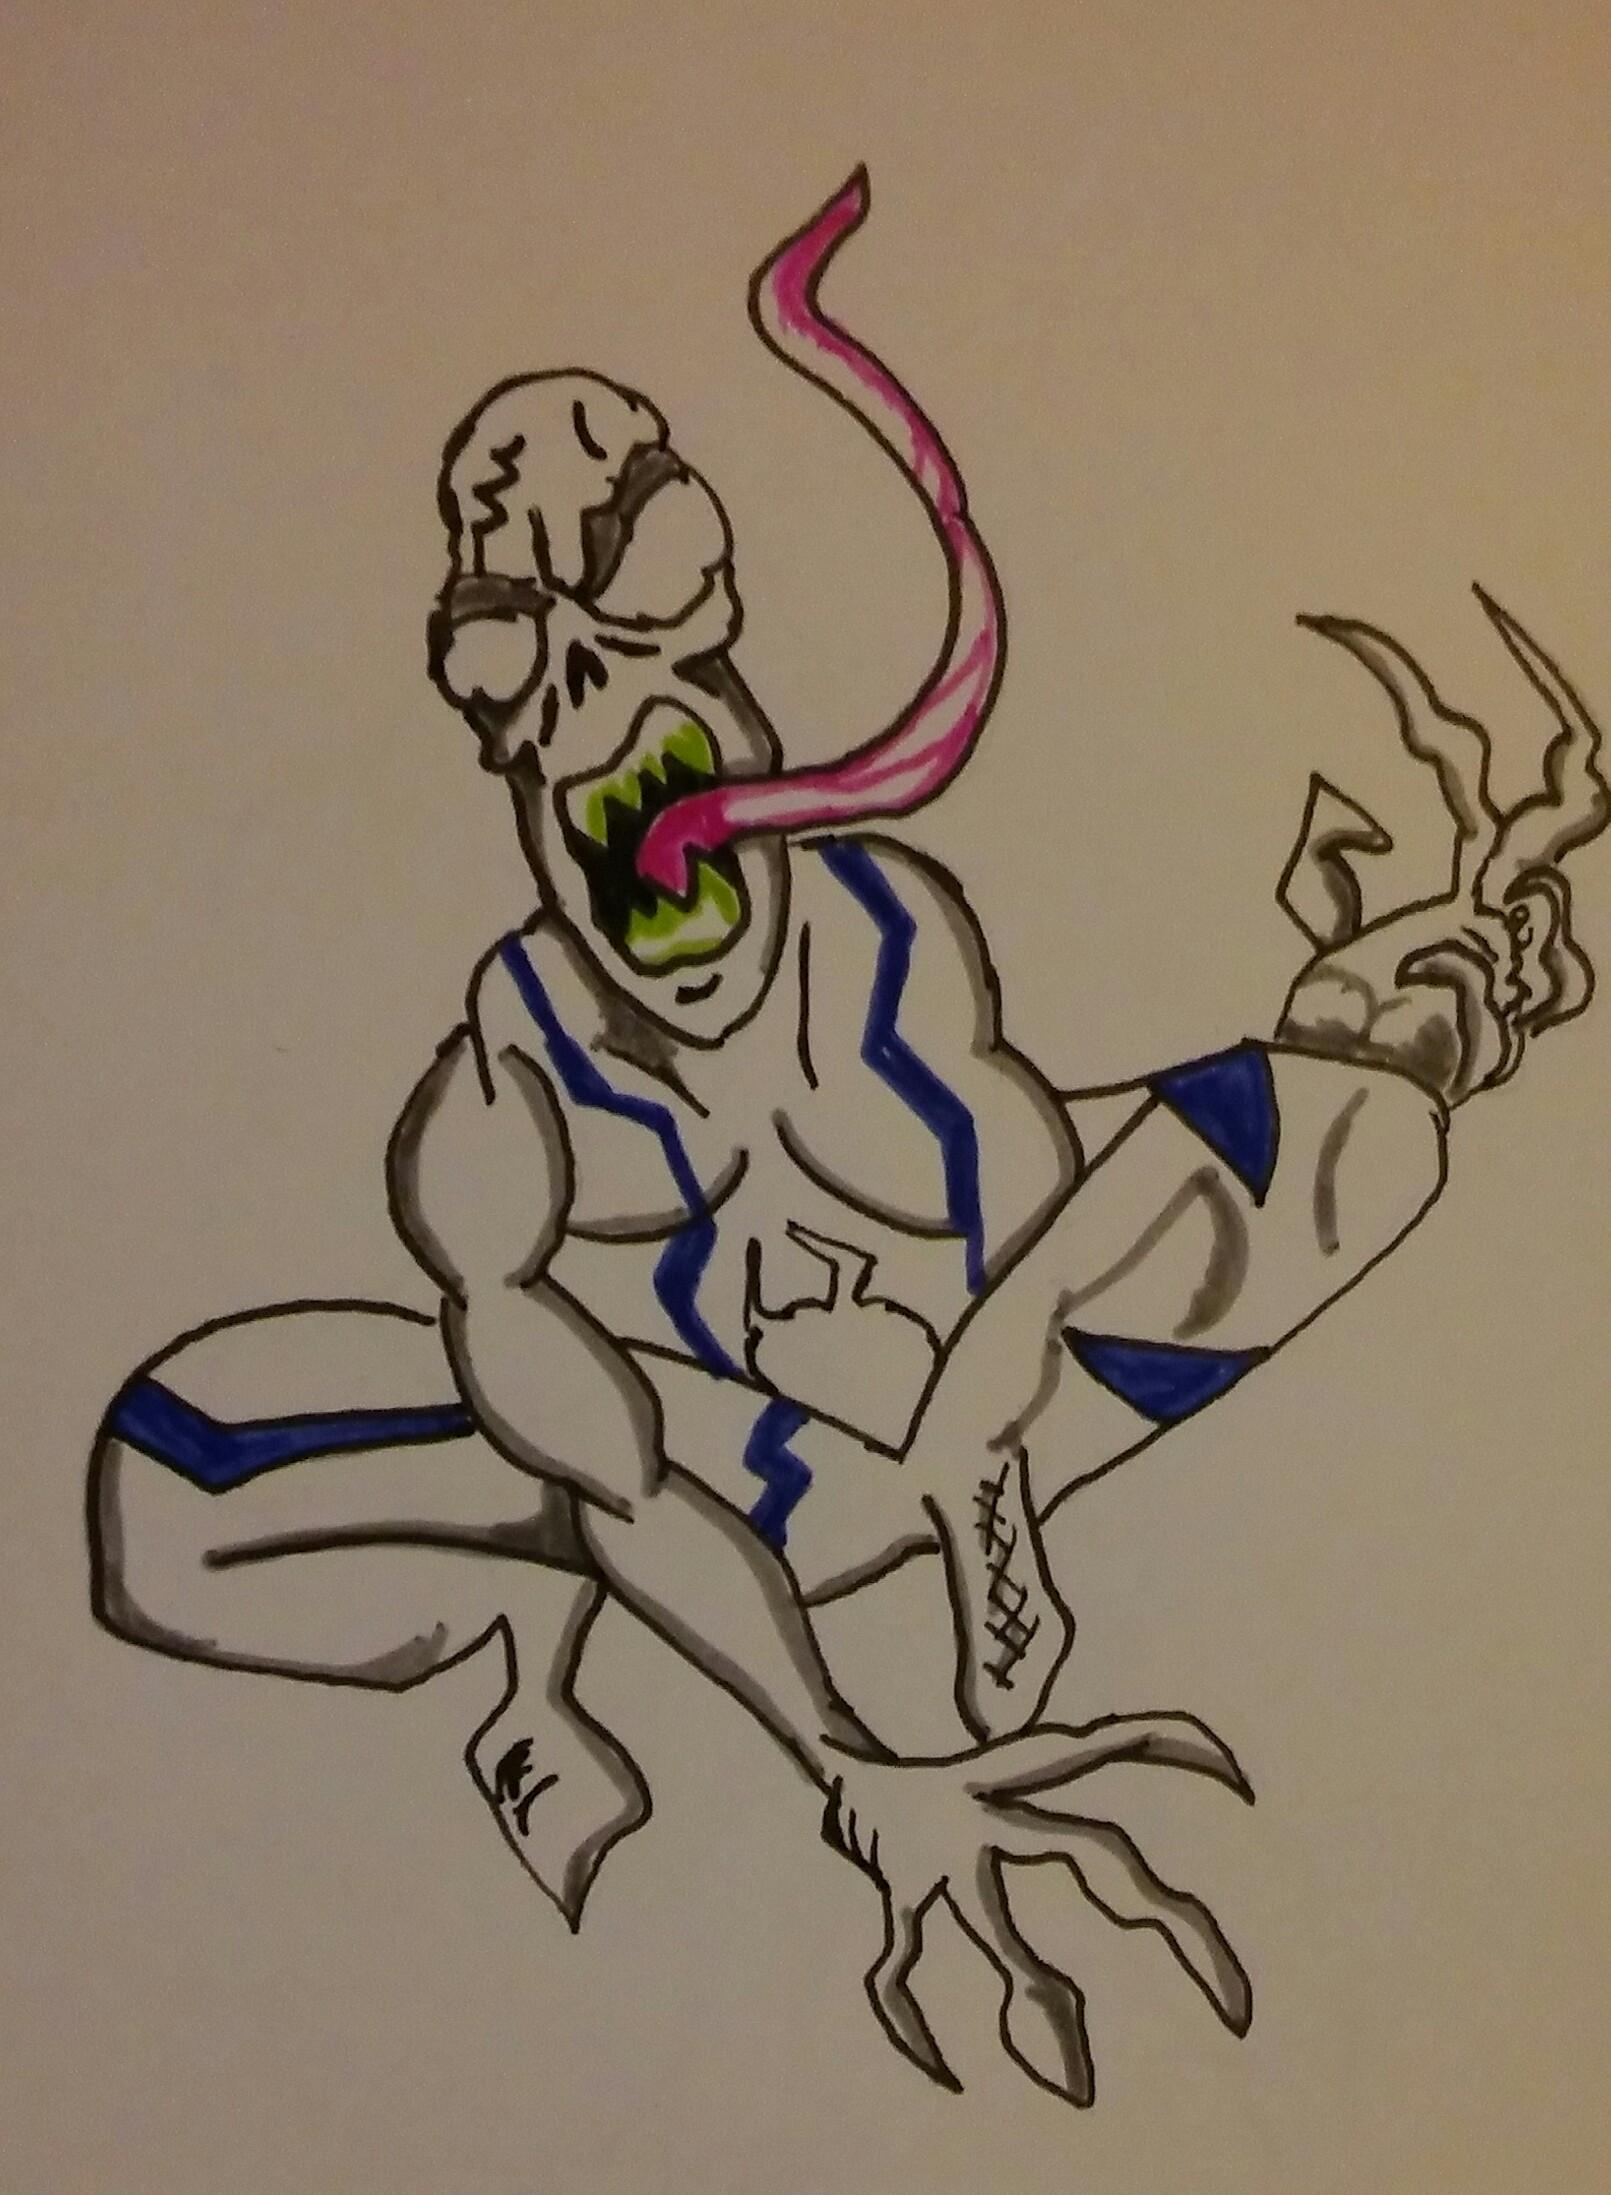 Venom corpse